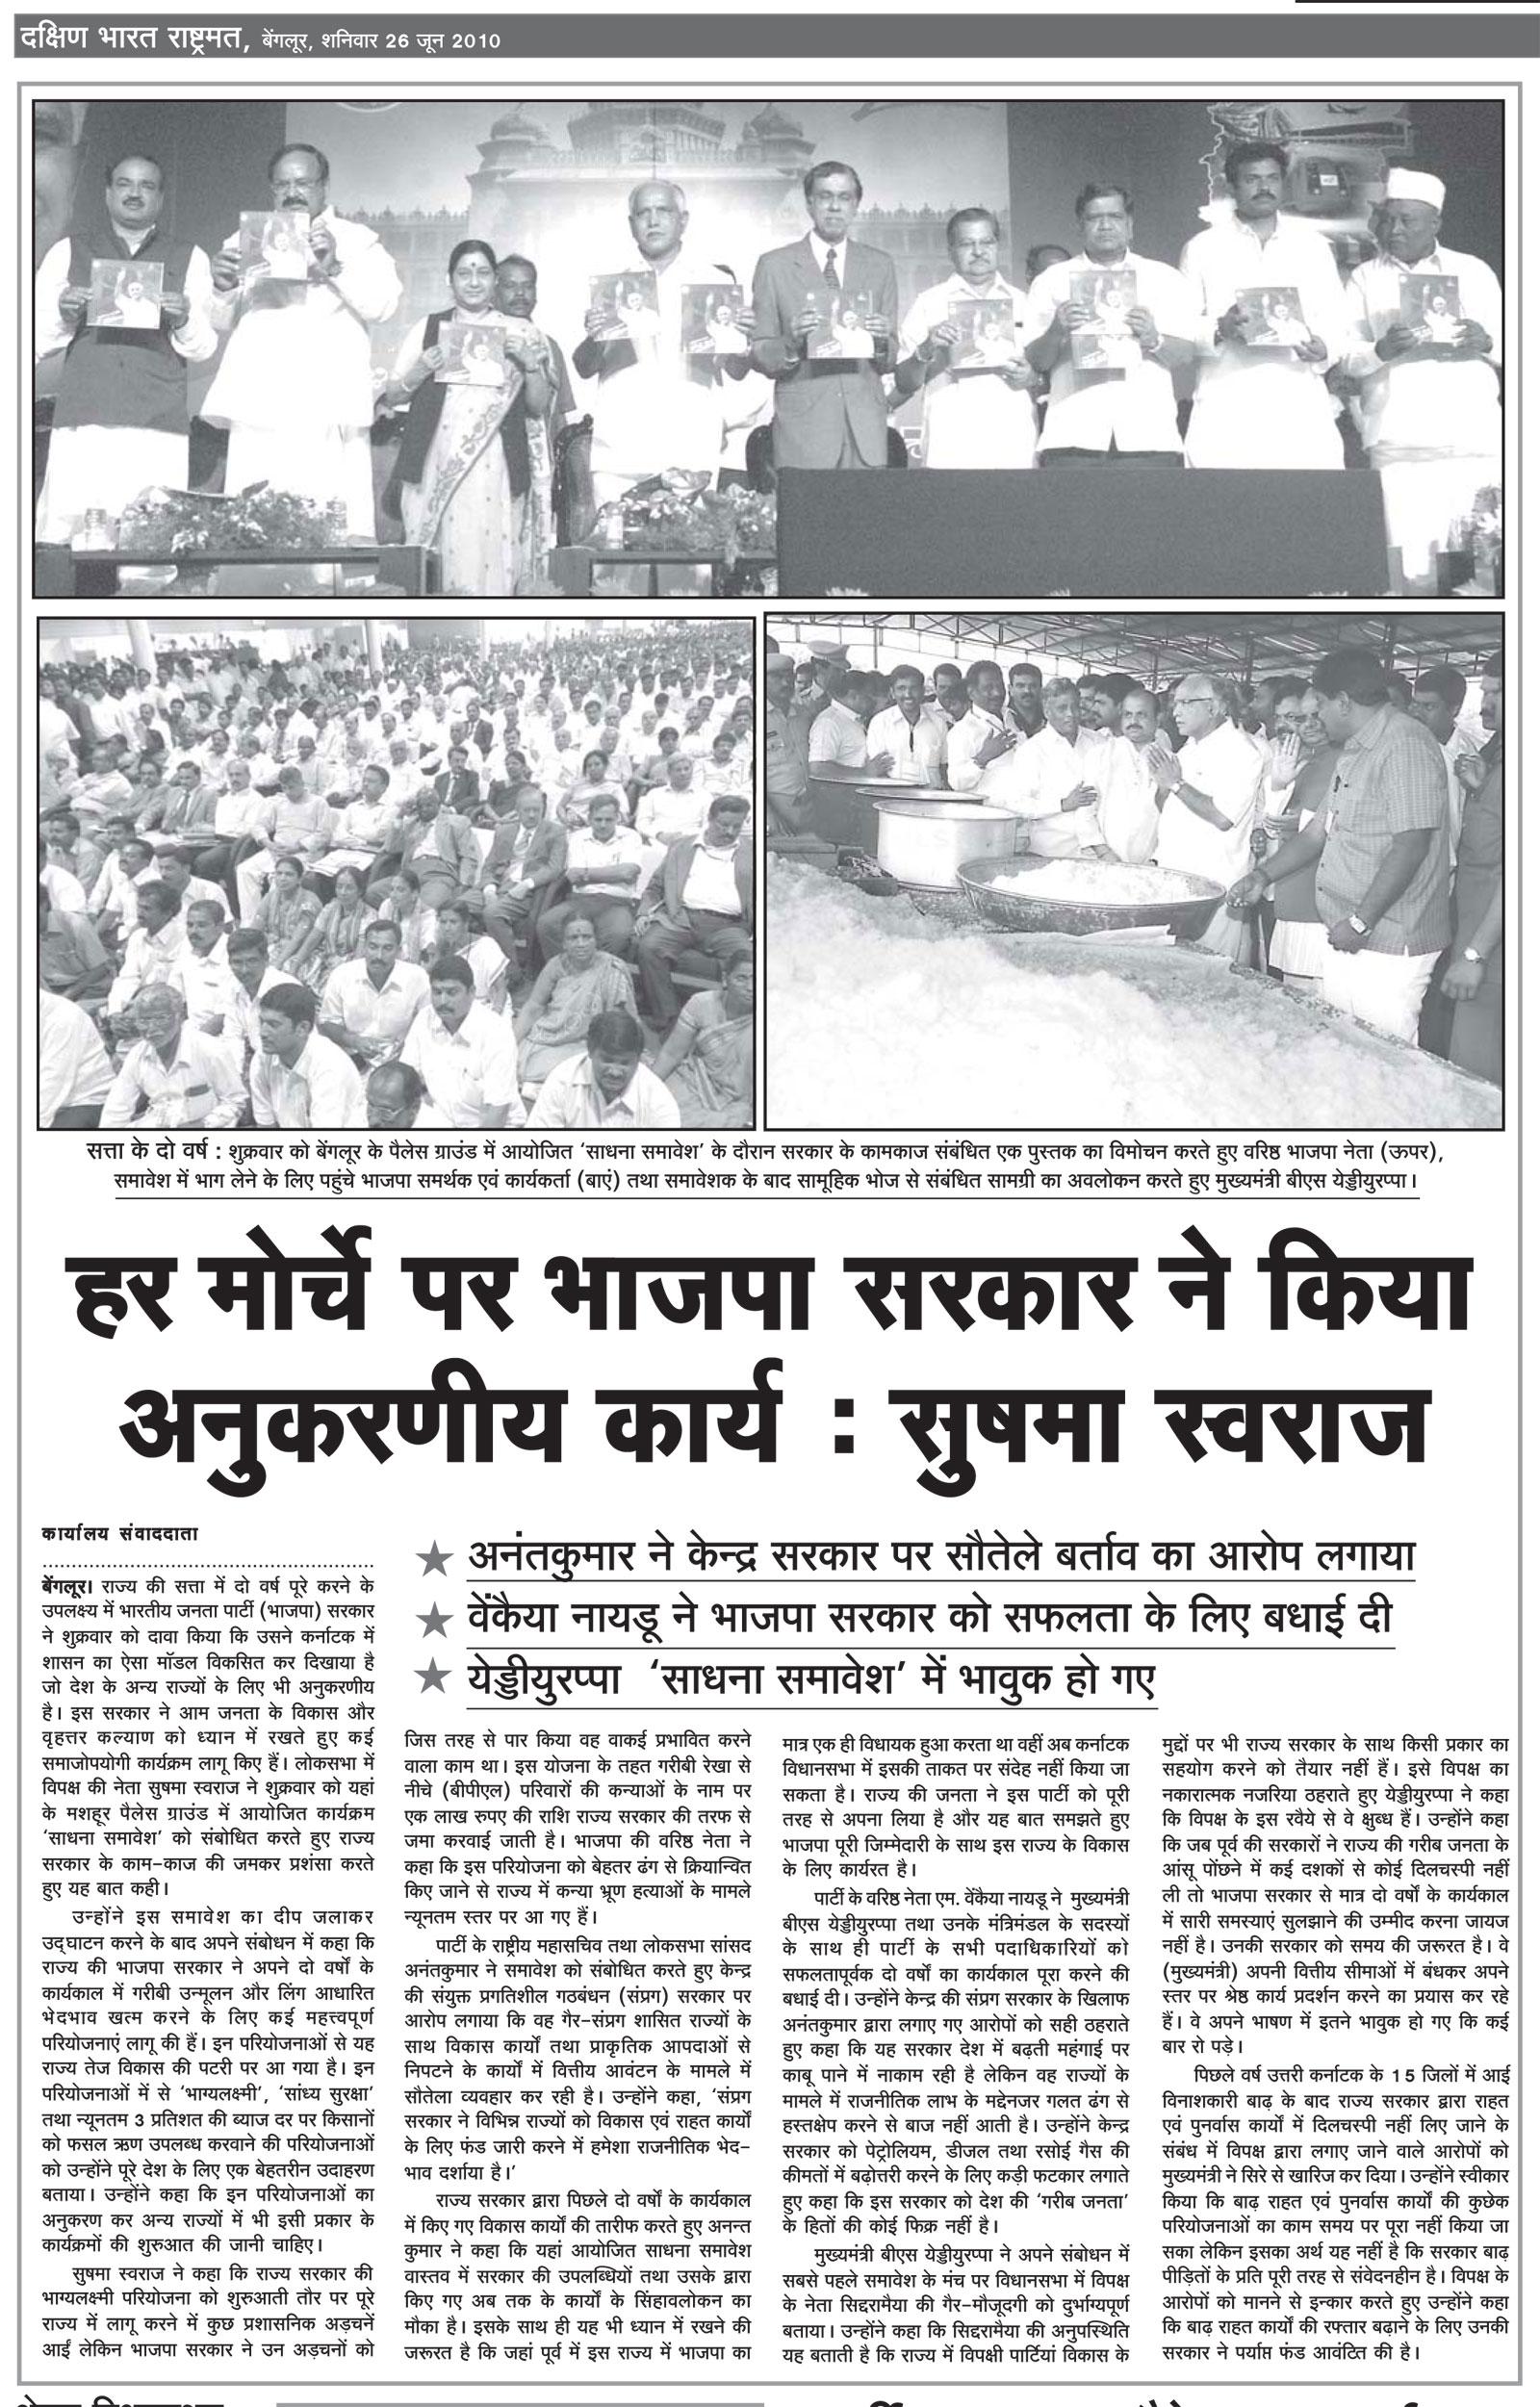 हर मोर्चो  पर भाजपा सरकार ने किया अनुकरणीय कार्य : सुषामा  स्वराज